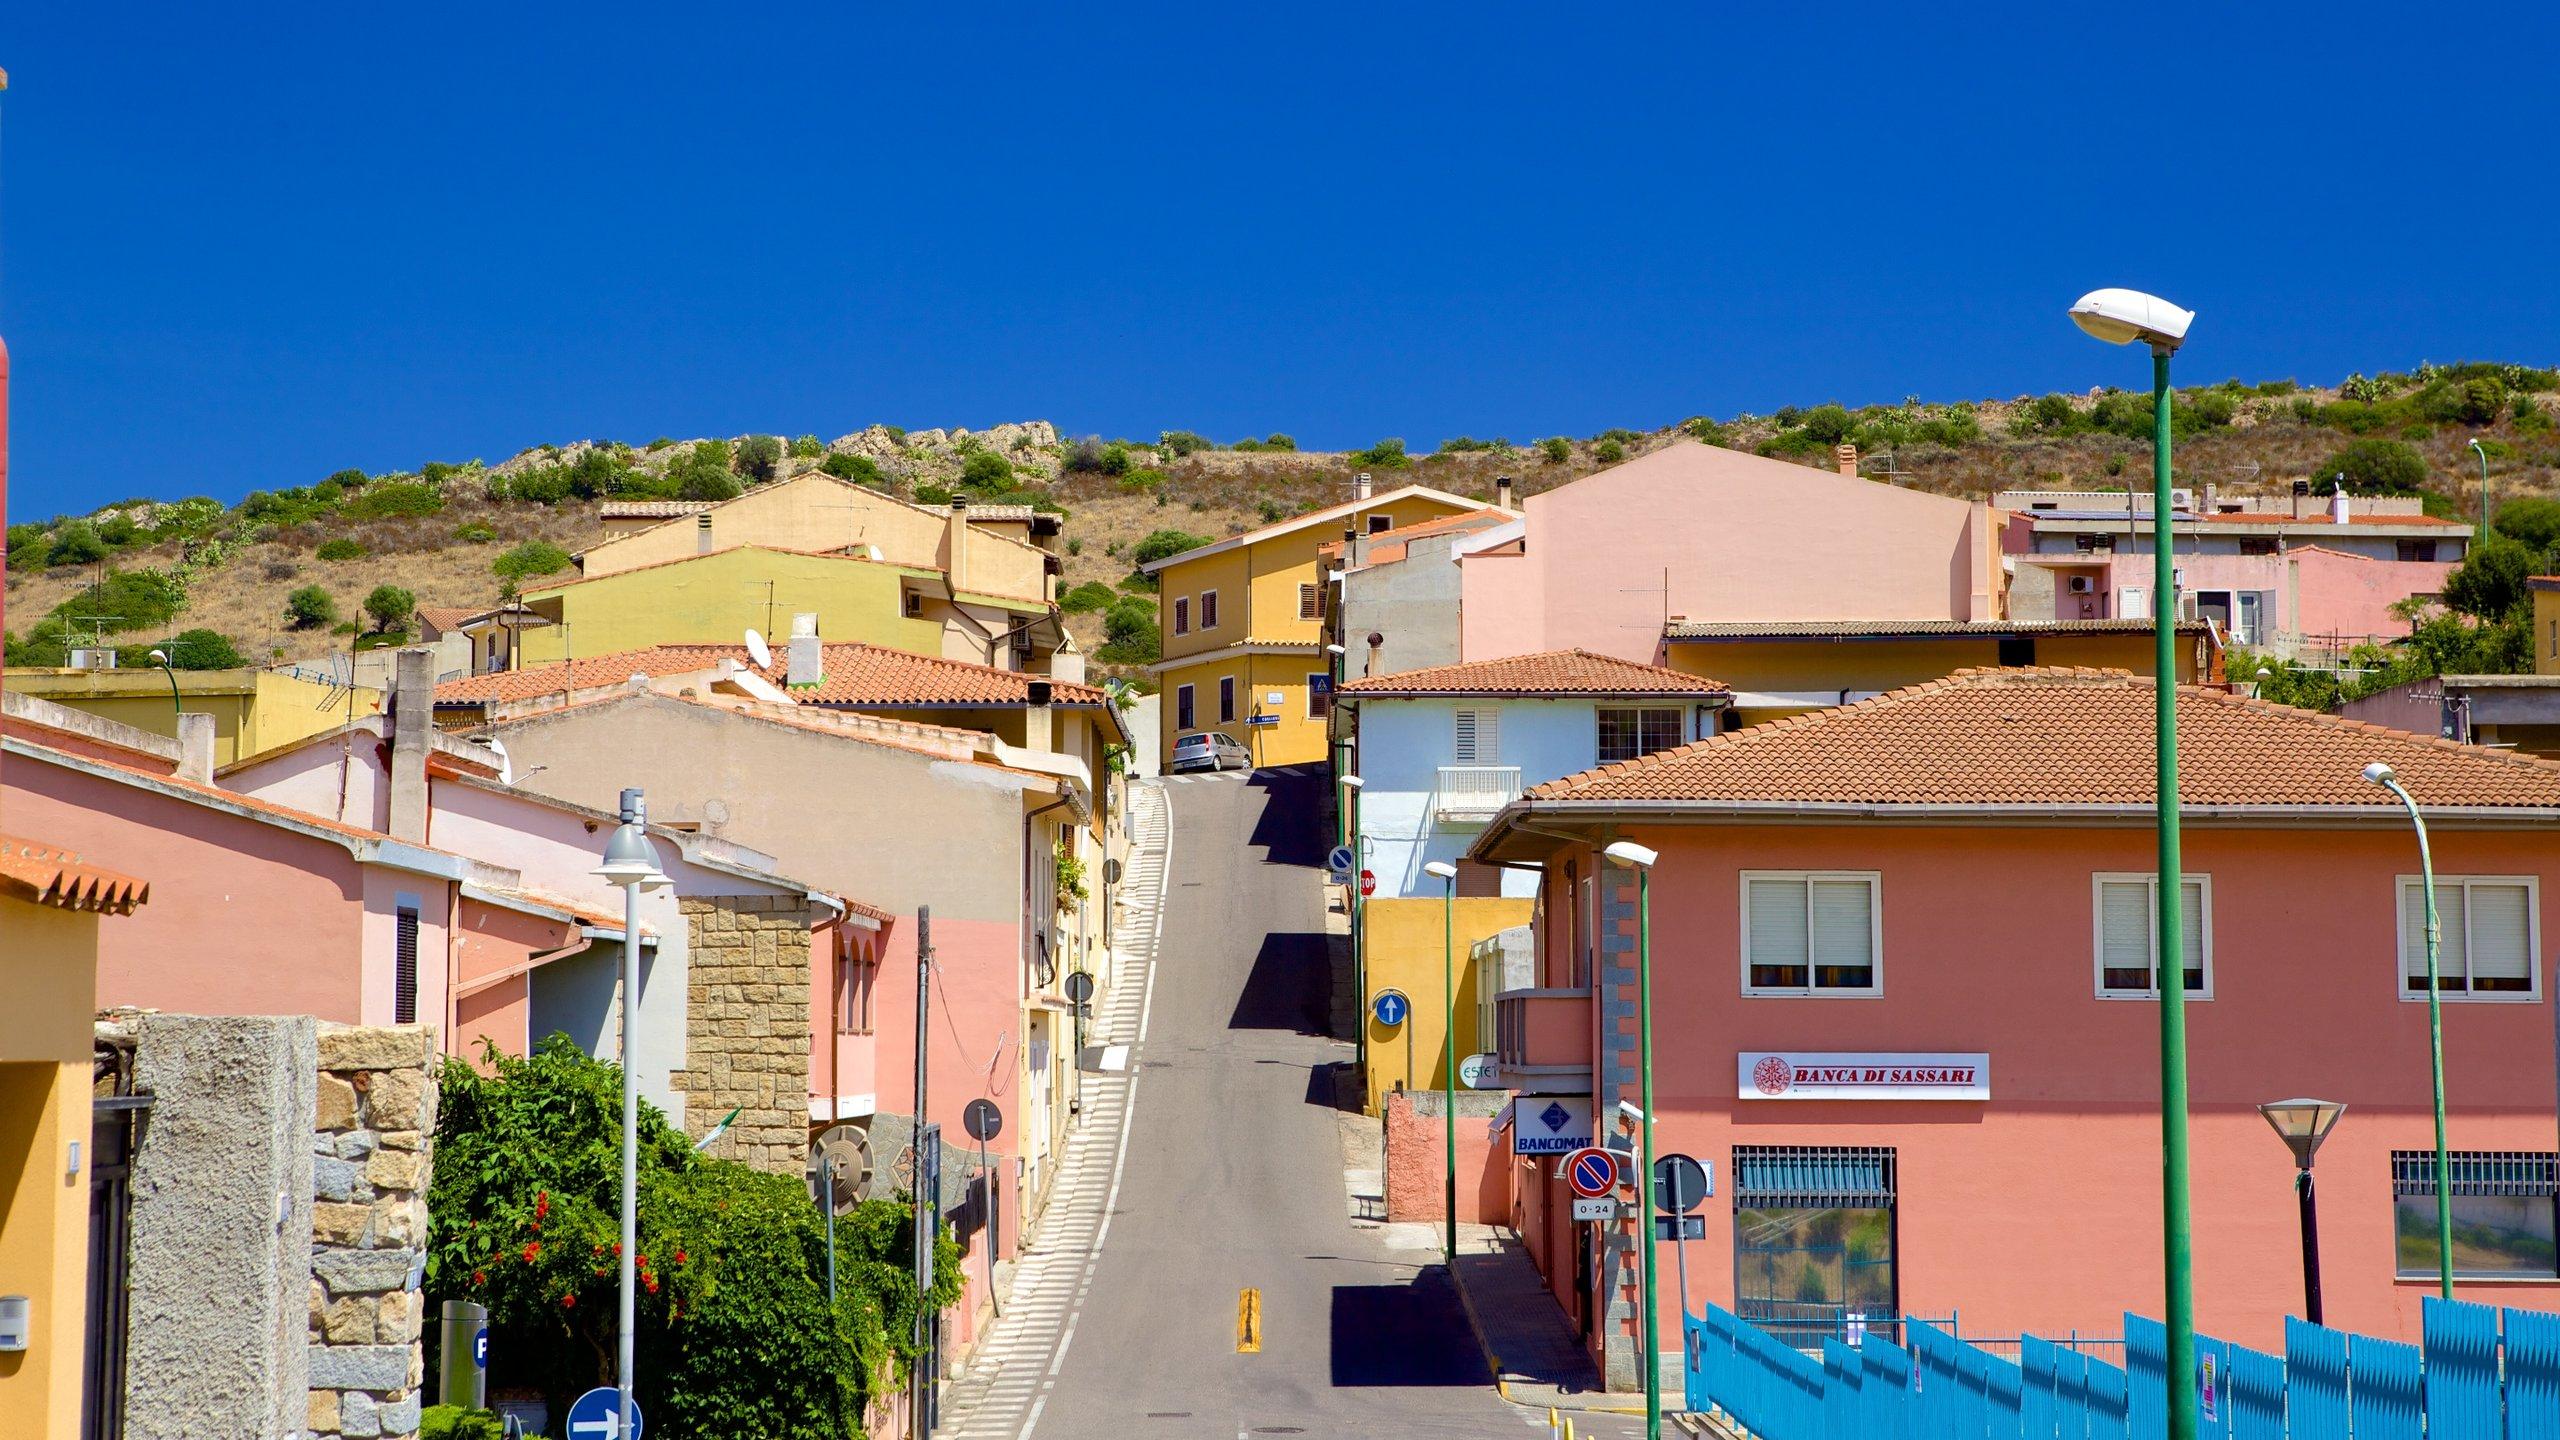 Sardaigne du Sud, Sardaigne, Italie